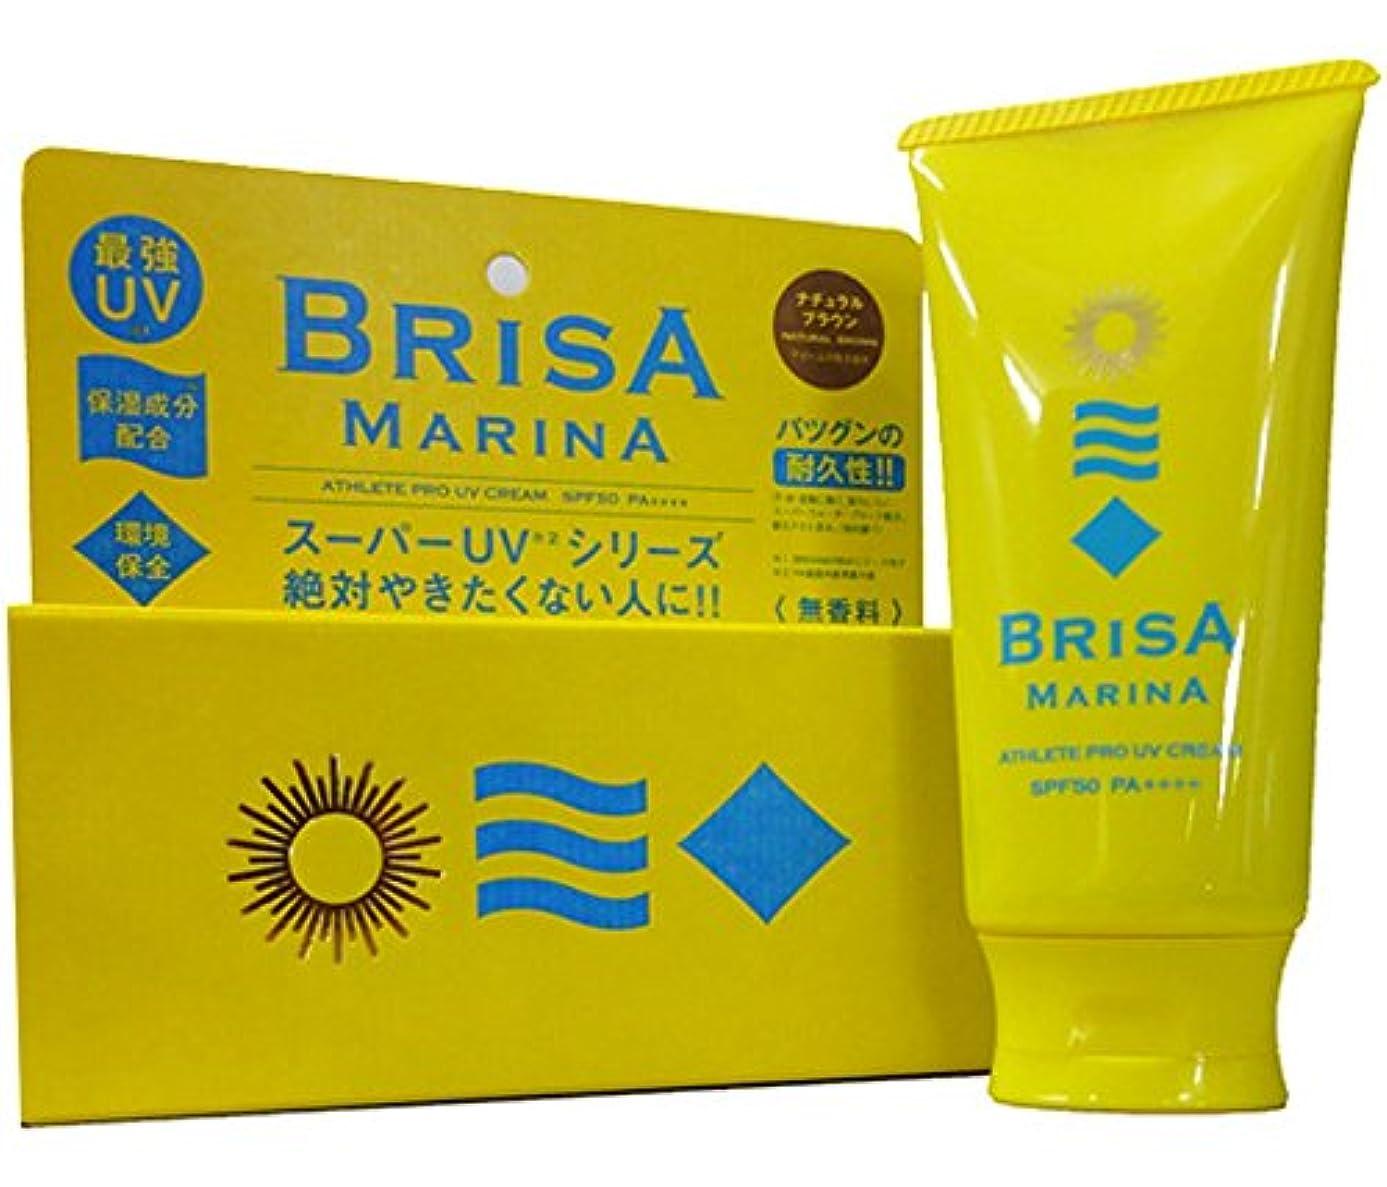 夏合計衛星BRISA MARINA(ブリサマリーナ) ATHLETE PRO UV CREAM 70g 日焼け止め クリーム